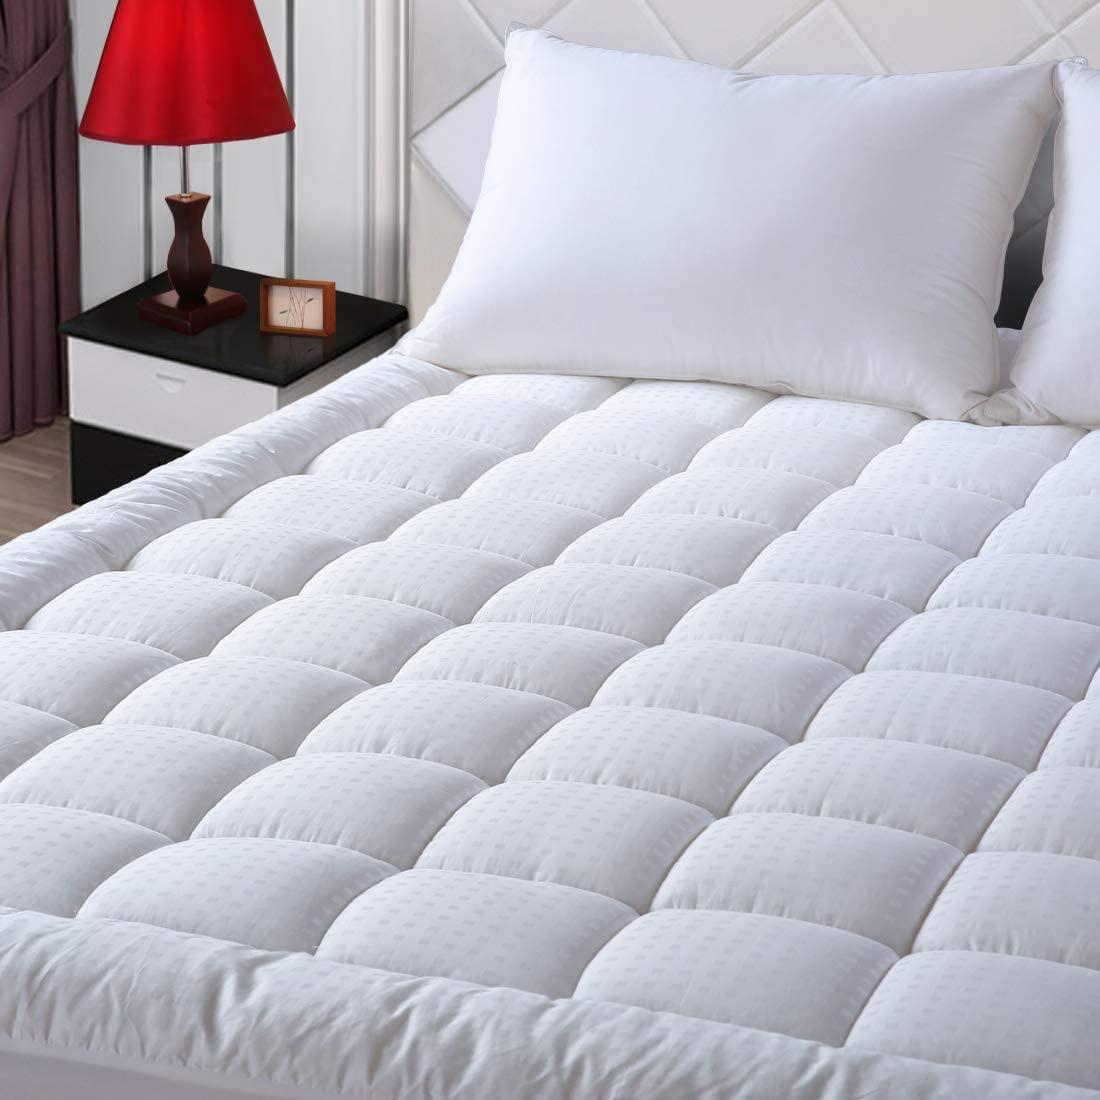 EASELAND Queen Pillow Top Mattress Pad